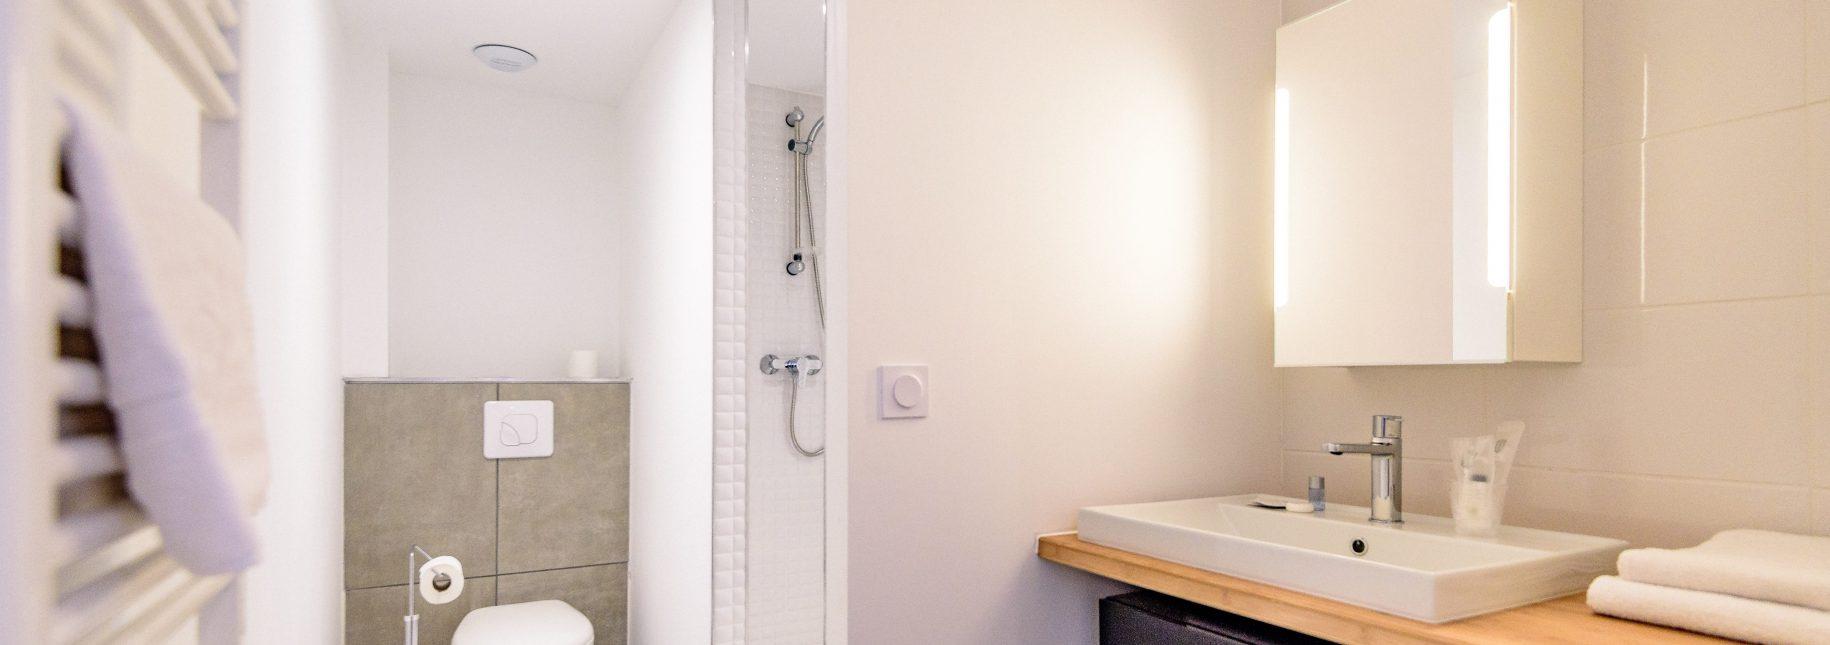 le lumineux jeanne d arc l 39 appartement toulousain. Black Bedroom Furniture Sets. Home Design Ideas